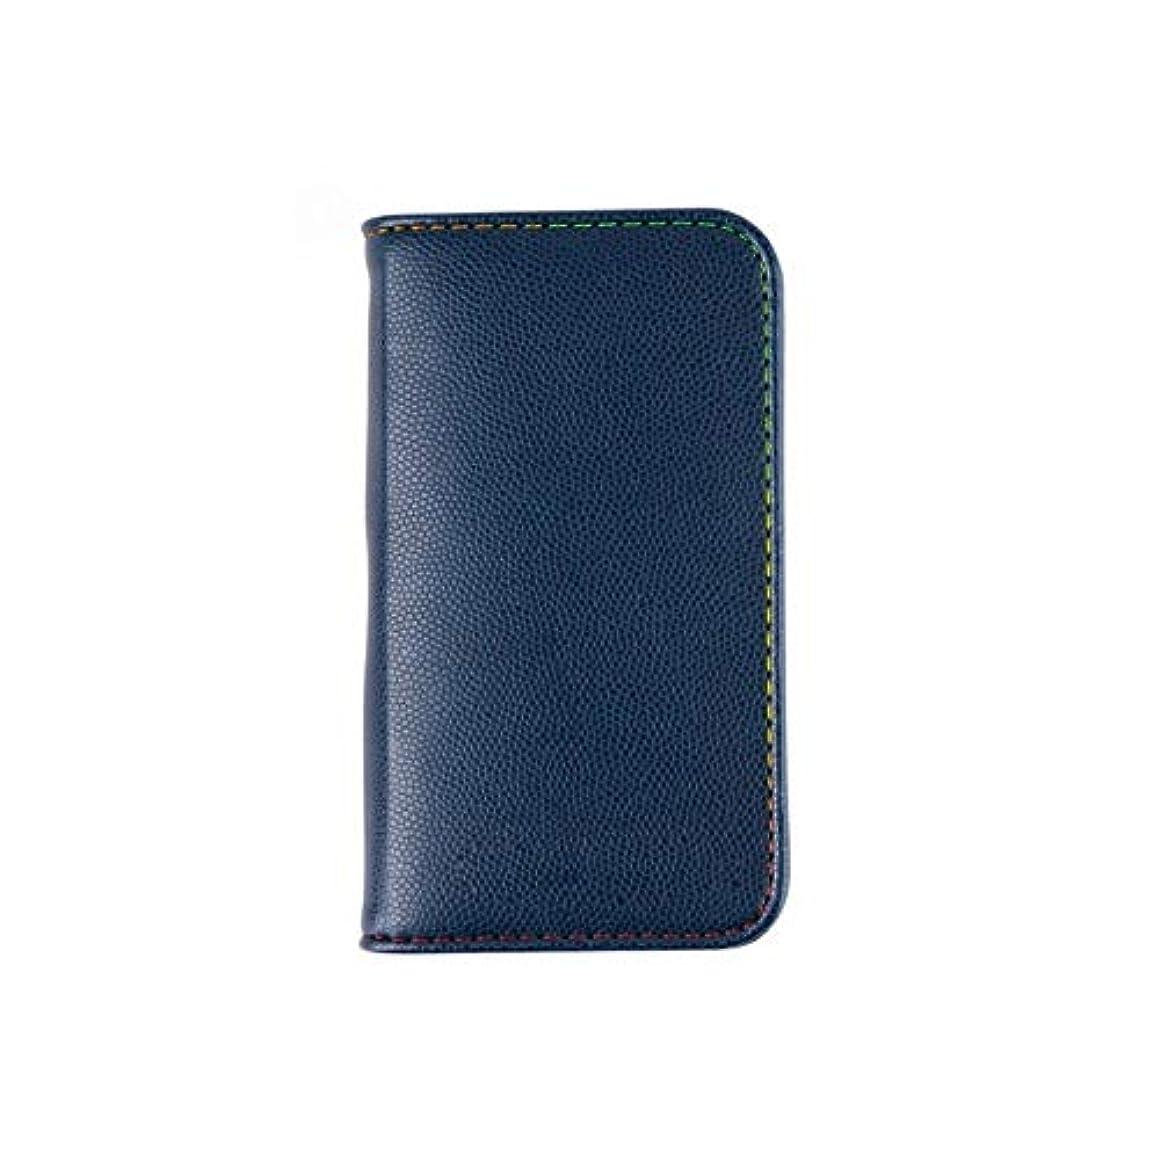 コンサルタントバー嵐JIAYIZS ナイフ美容ツールを金メッキのデッド皮膚にネイルクリッパープライヤー7点セットネイルマニキュアツールペディキュア (Color : Blue)